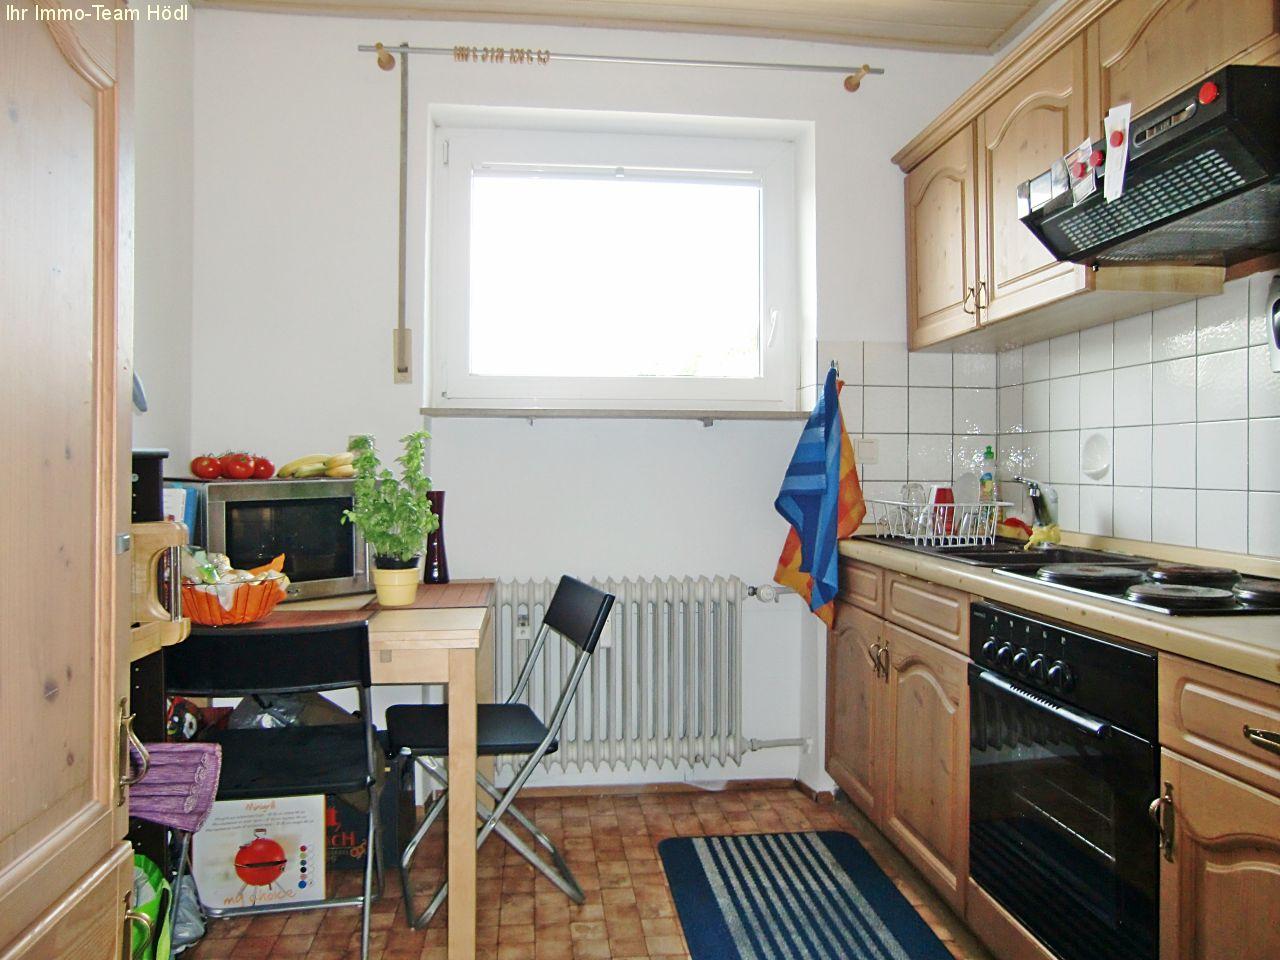 referenzen reutlingen tolle wohnung in fh n he. Black Bedroom Furniture Sets. Home Design Ideas